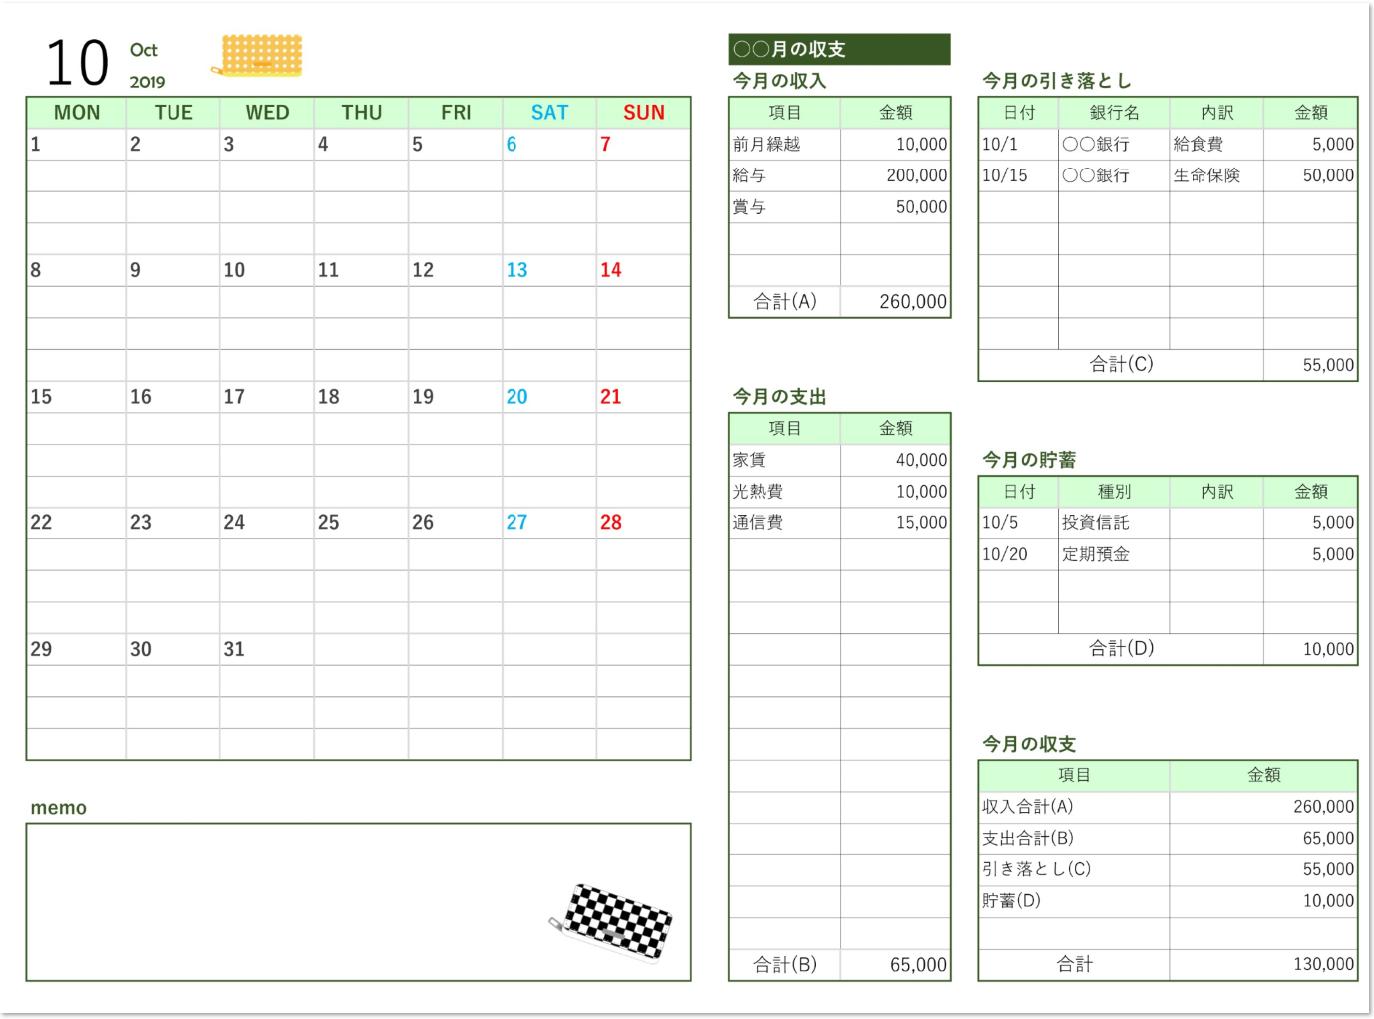 カレンダー付のかわいい家計簿のテンプレート